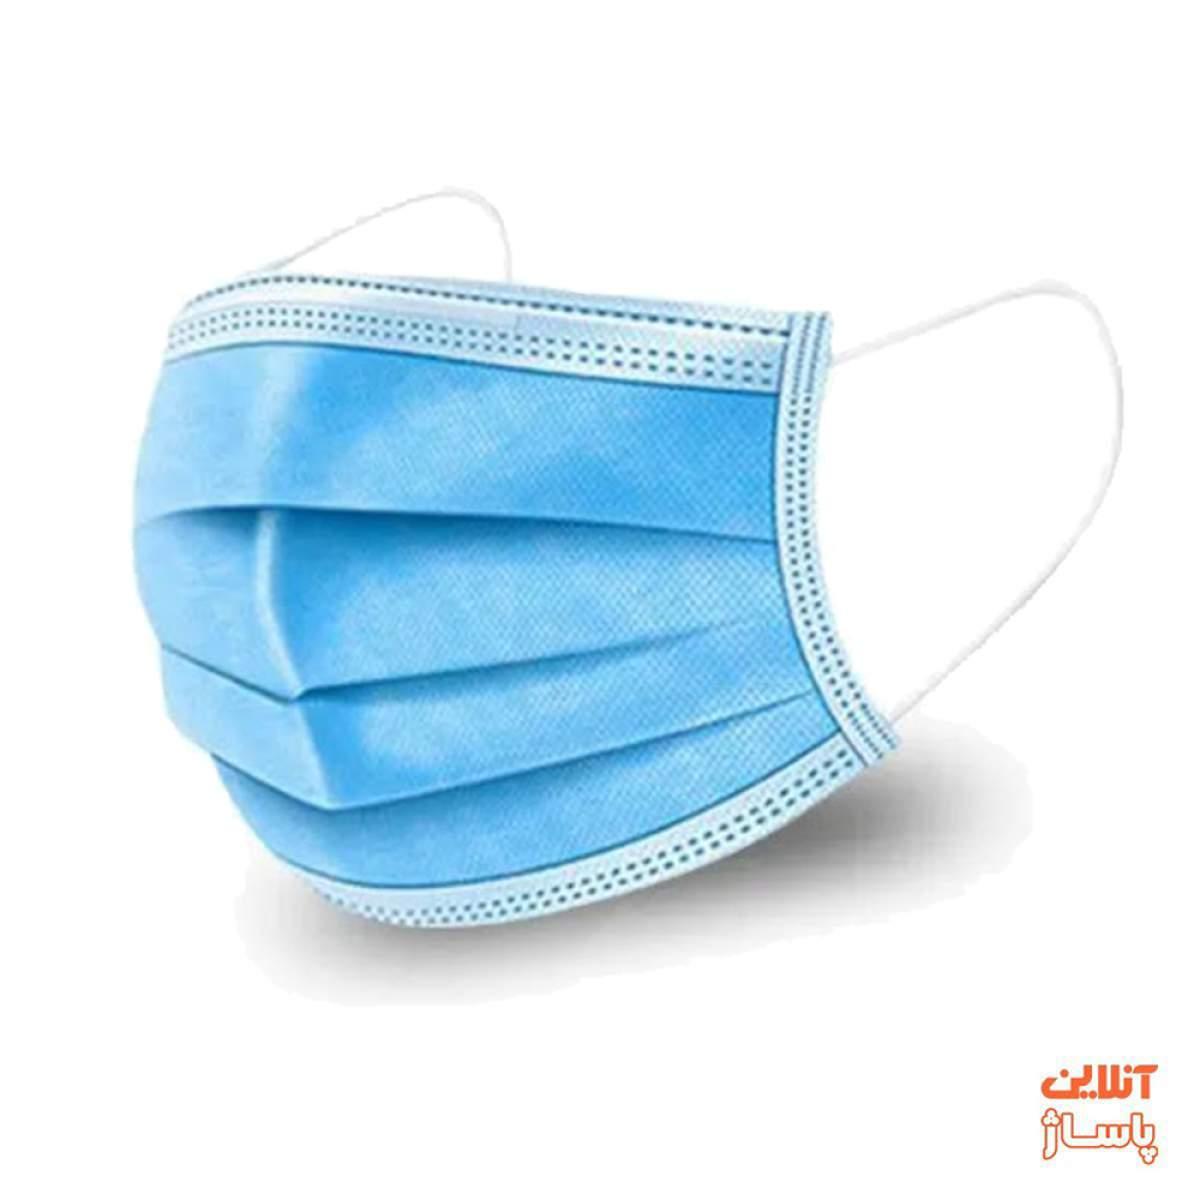 ماسک پرستاری کد 2010